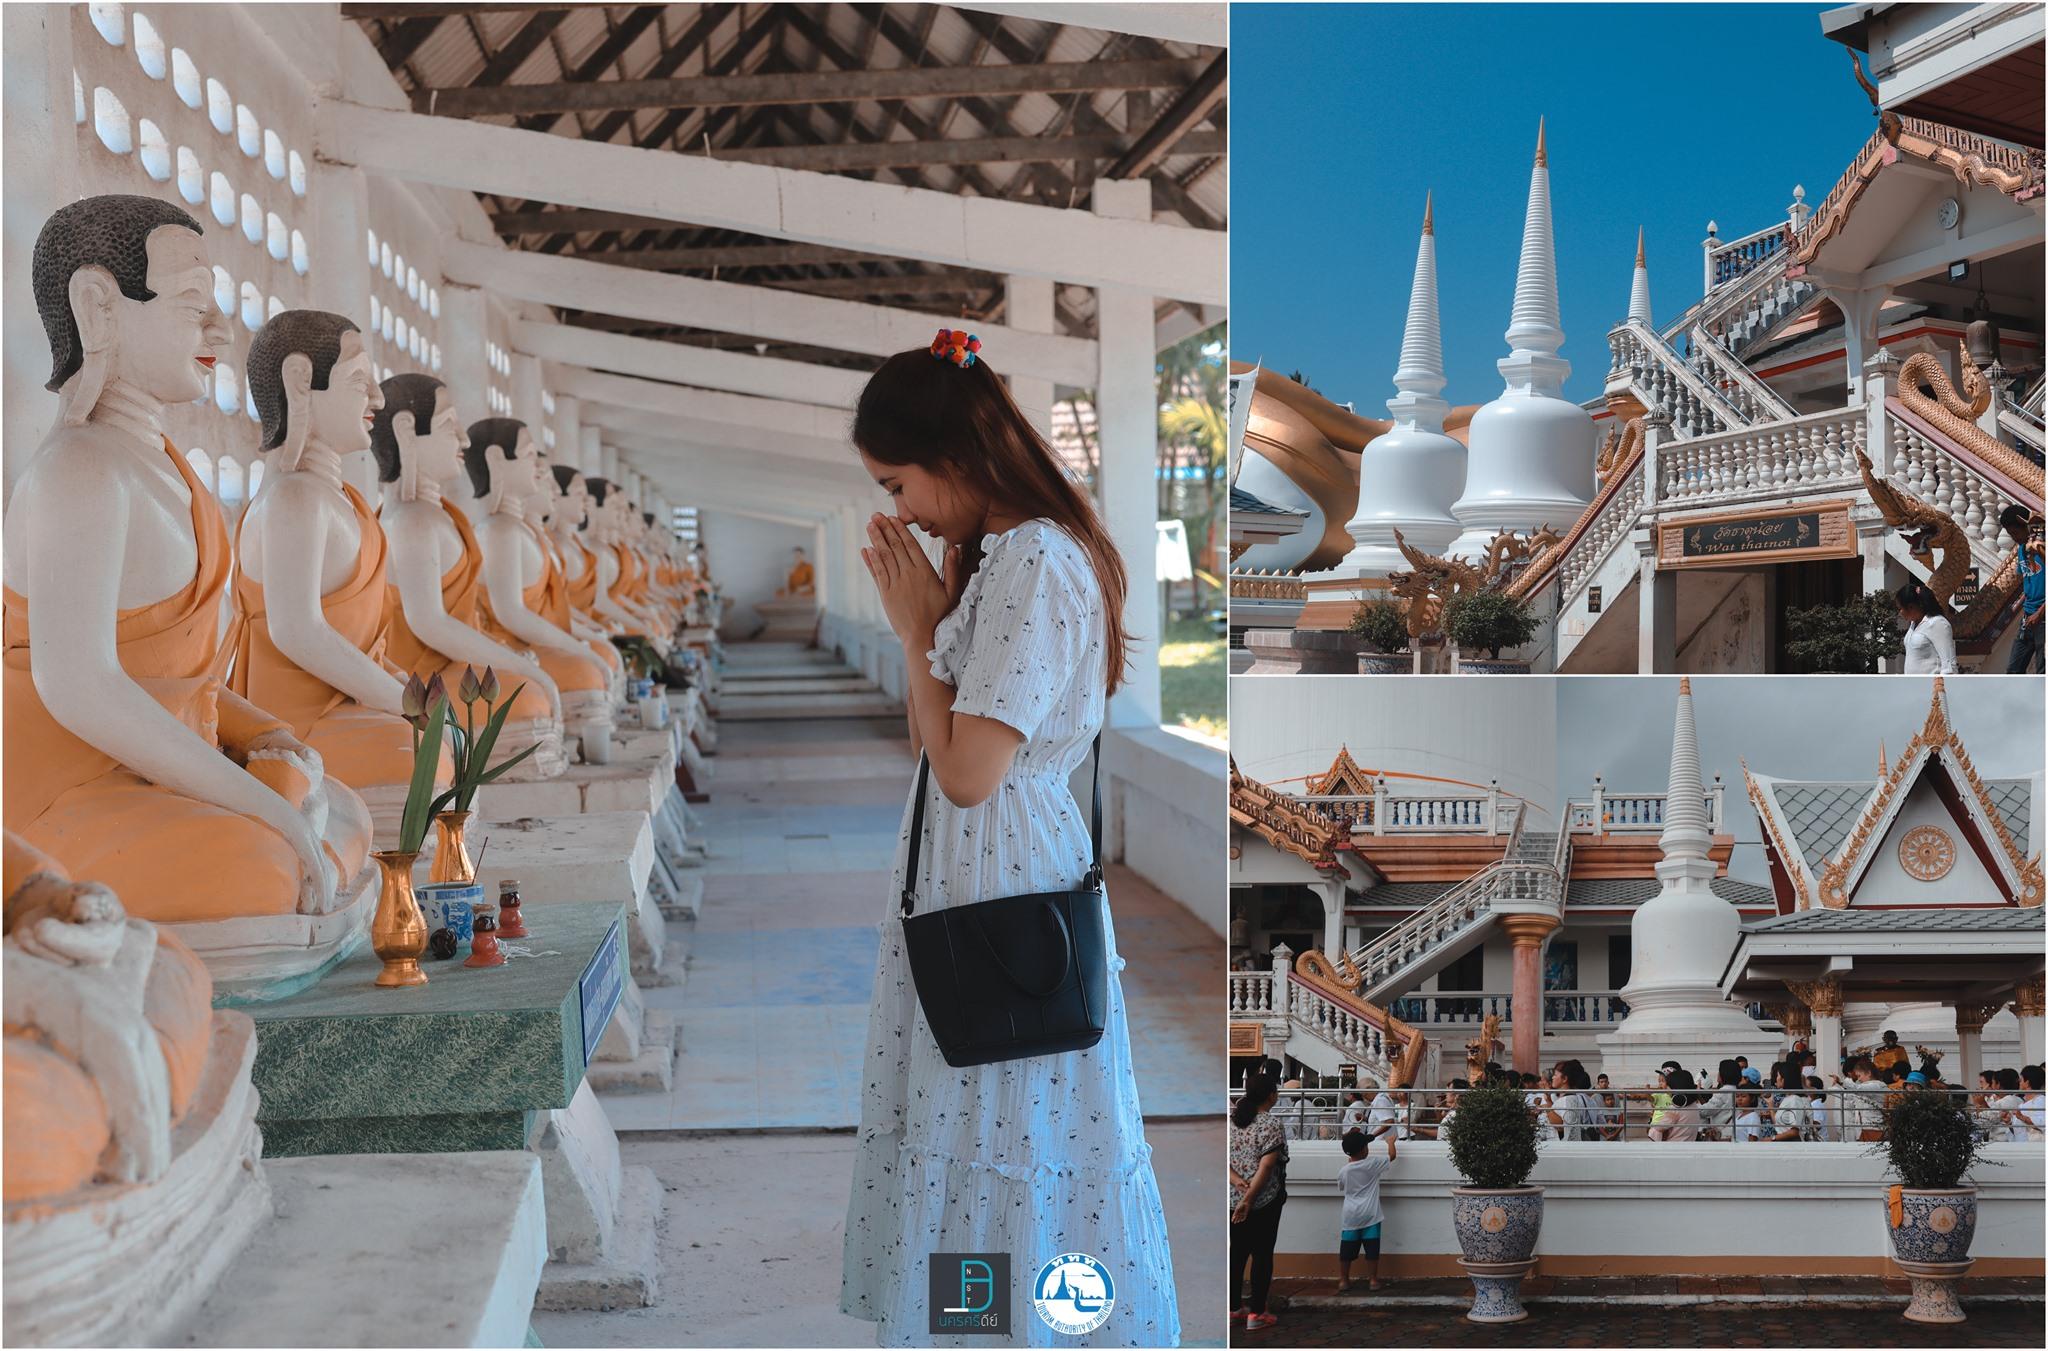 12.-วัดธาตุน้อย-ช้างกลาง-มาถึงจุดเช็คอินสายบุญกันบ้าง-ที่นี่สวย-สงบ-จริงๆครับ นครศรีธรรมราช,จุดเช็คอิน,ที่ท่องเที่ยว,ของกิน,โกโก้,TAT,การท่องเที่ยวแห่งประเทศไทย